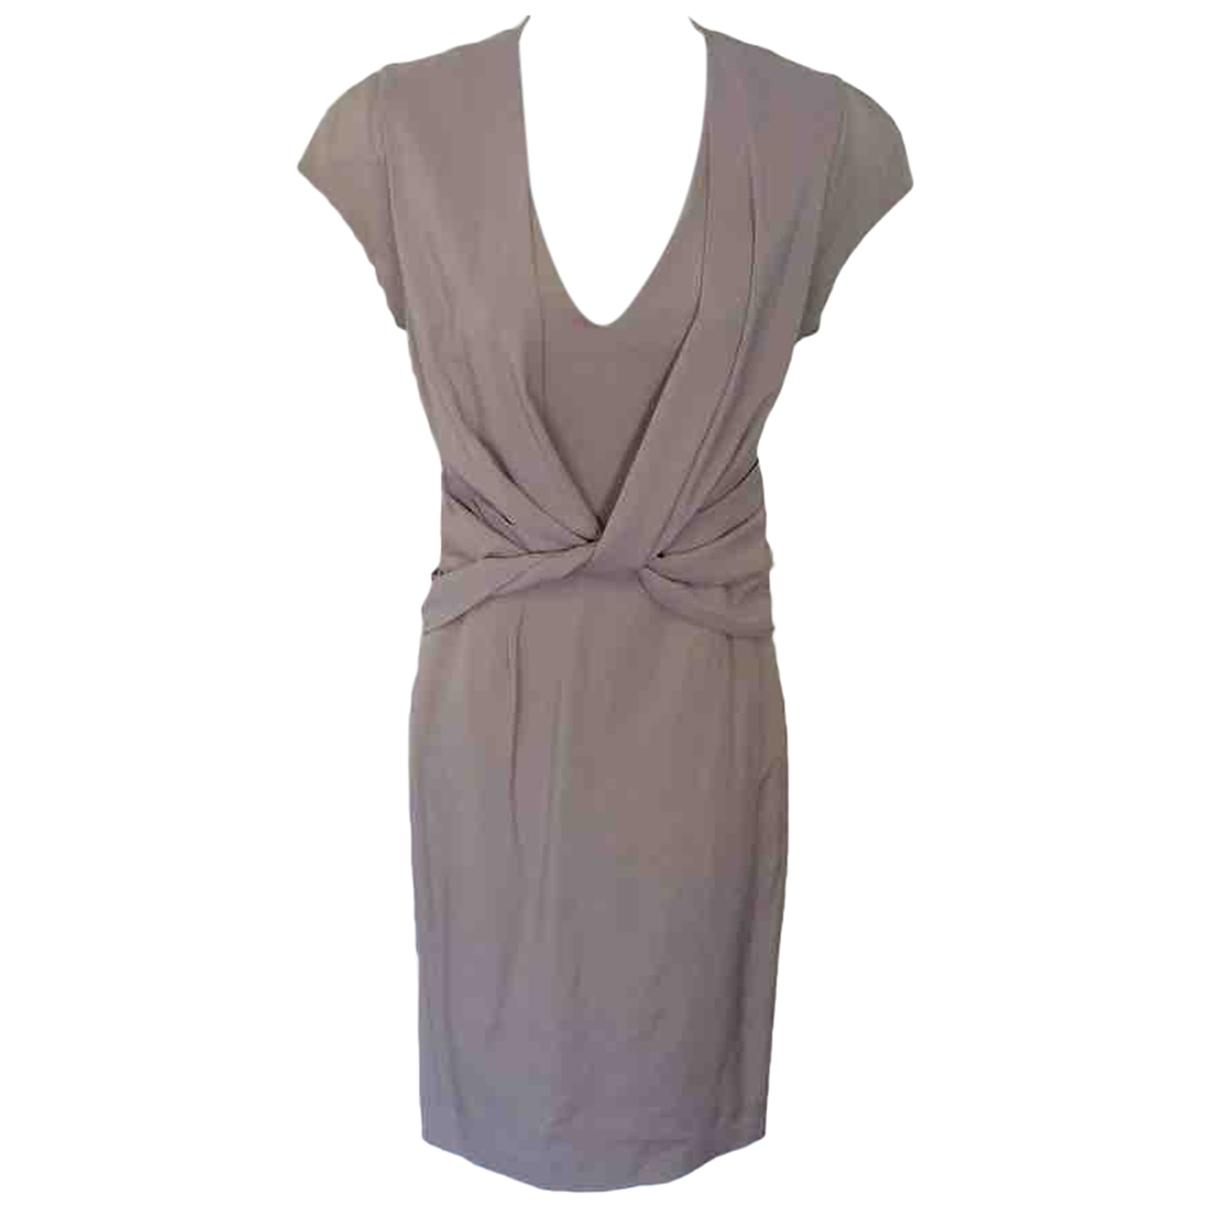 Reiss - Robe   pour femme en laine - beige